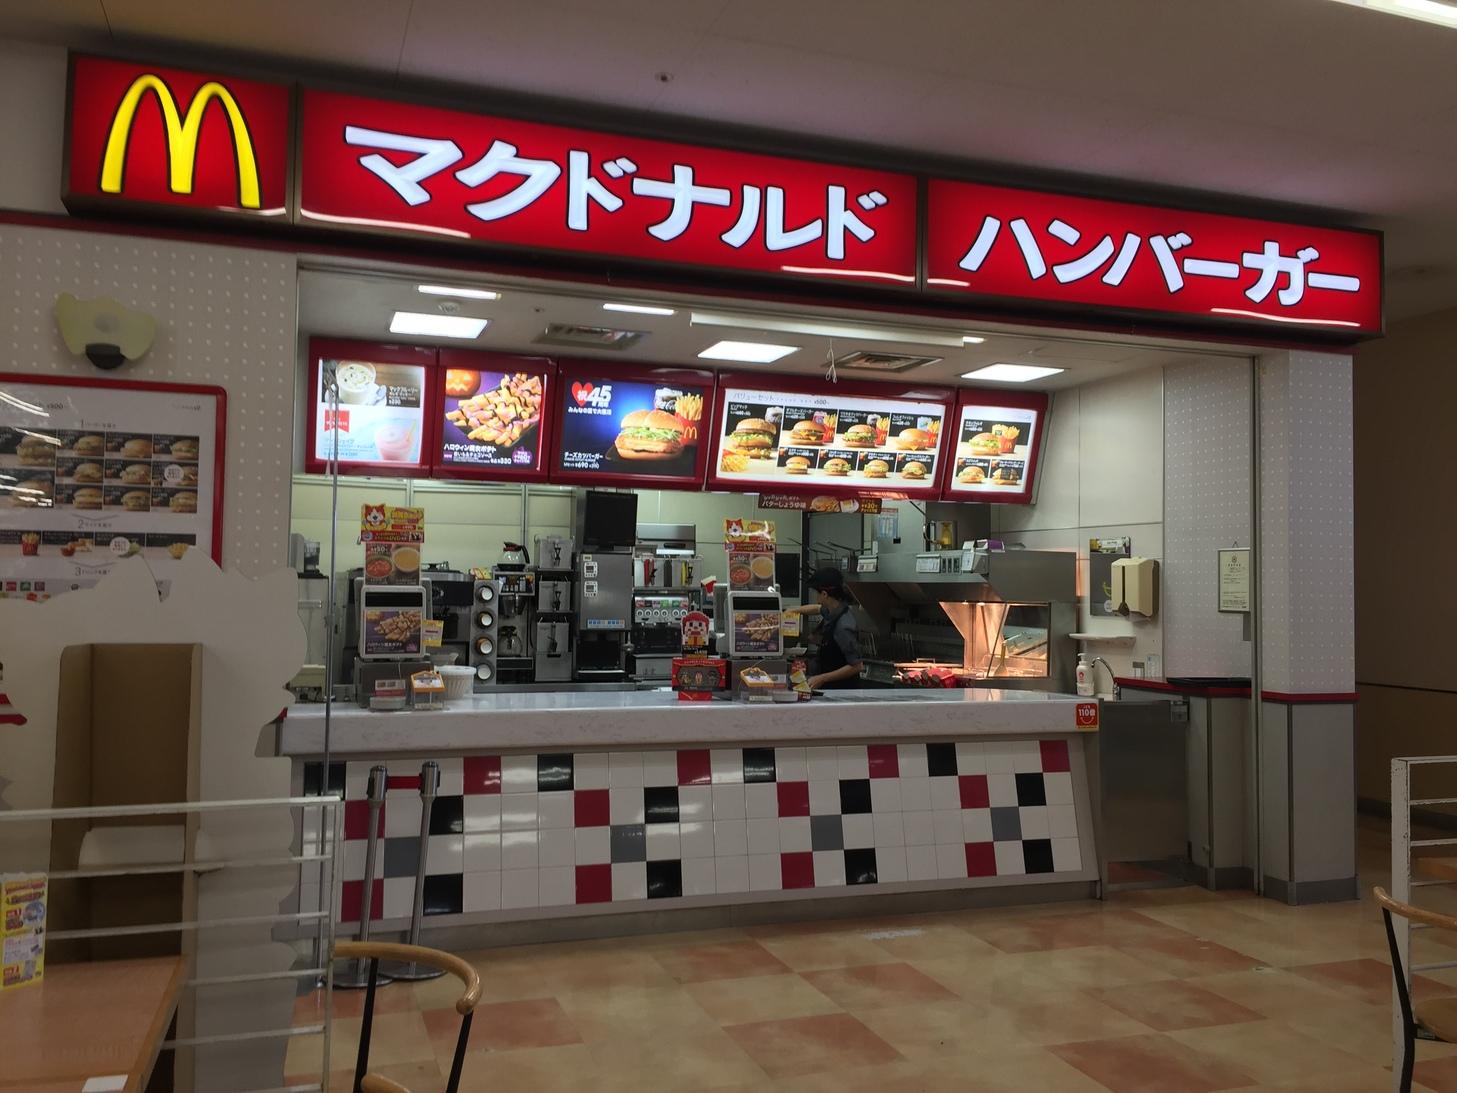 マクドナルド 厚別西友店